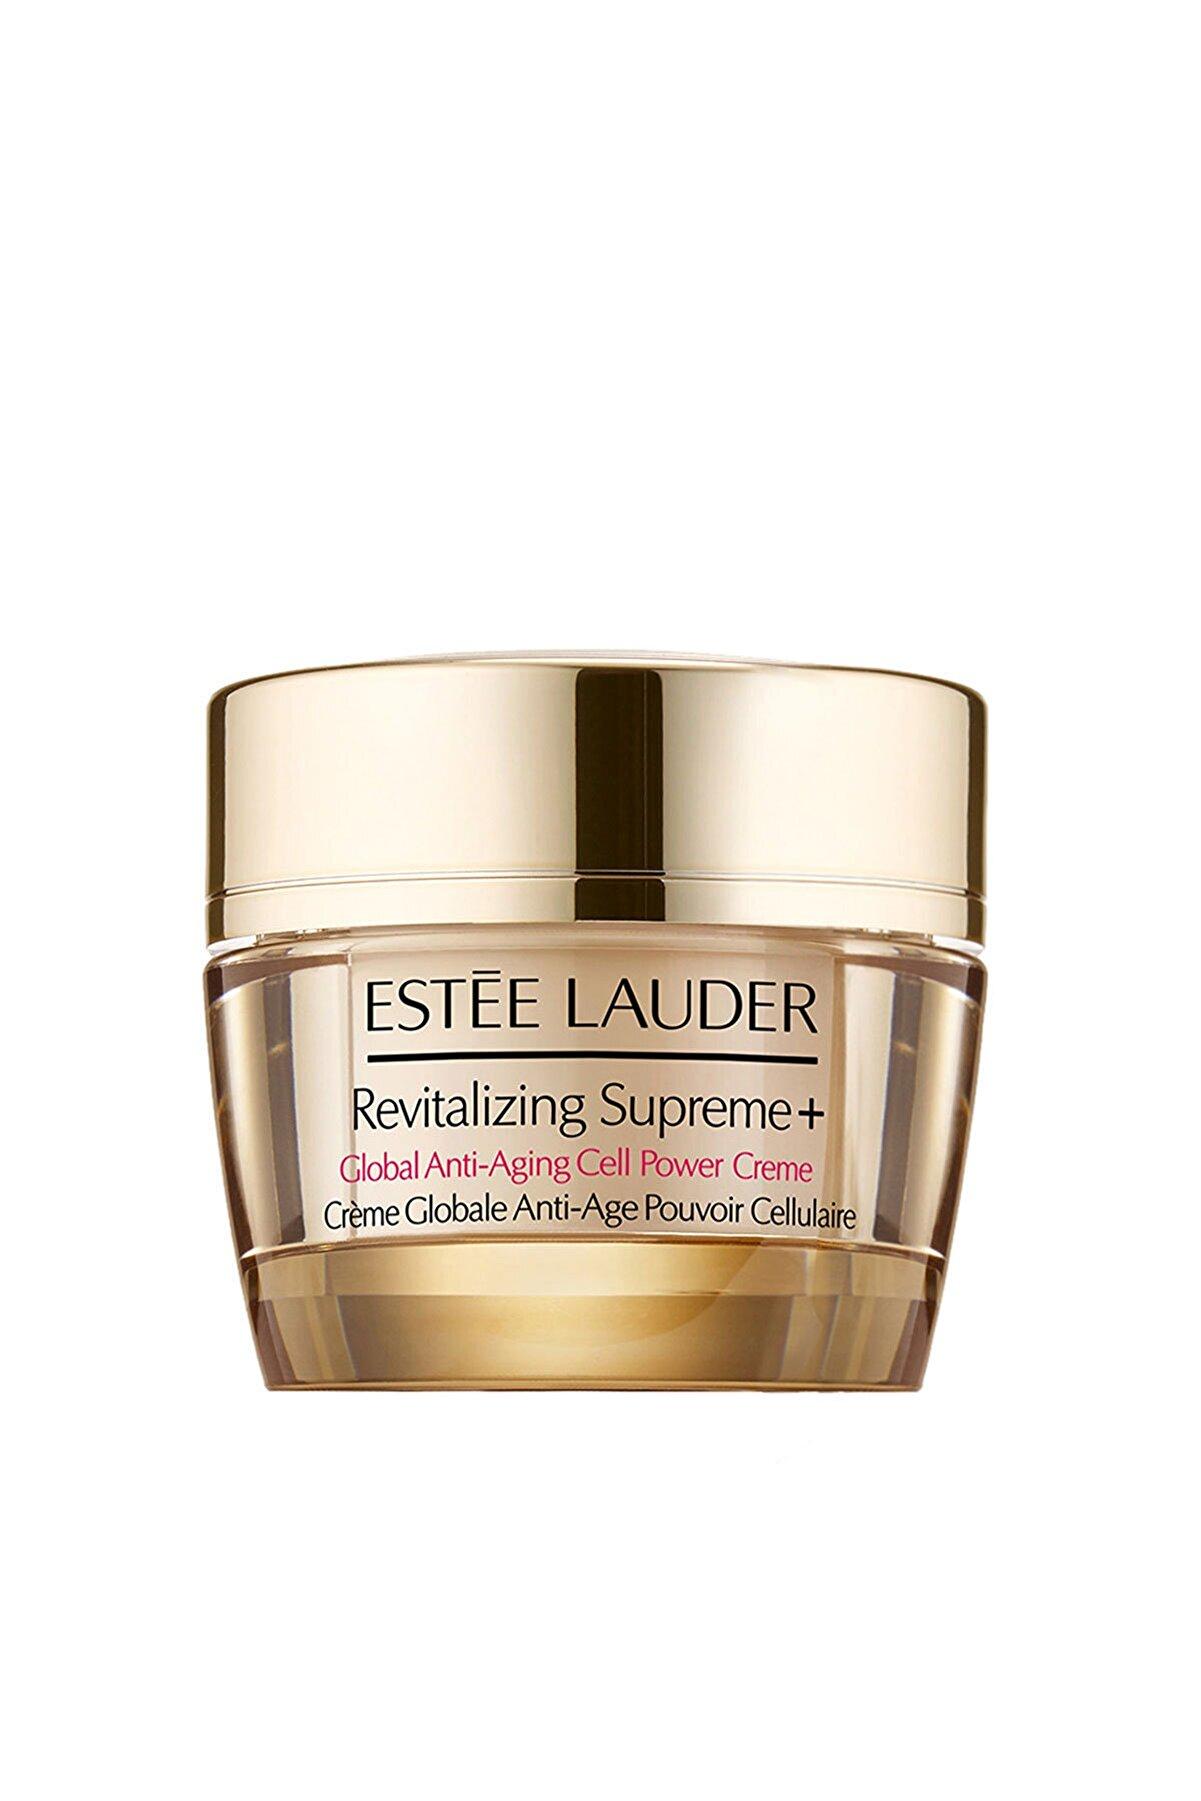 Estee Lauder Yaşlanma Karşıtı Nemlendirici Krem - Revitalizing Supreme+ 15 ml 887167487598